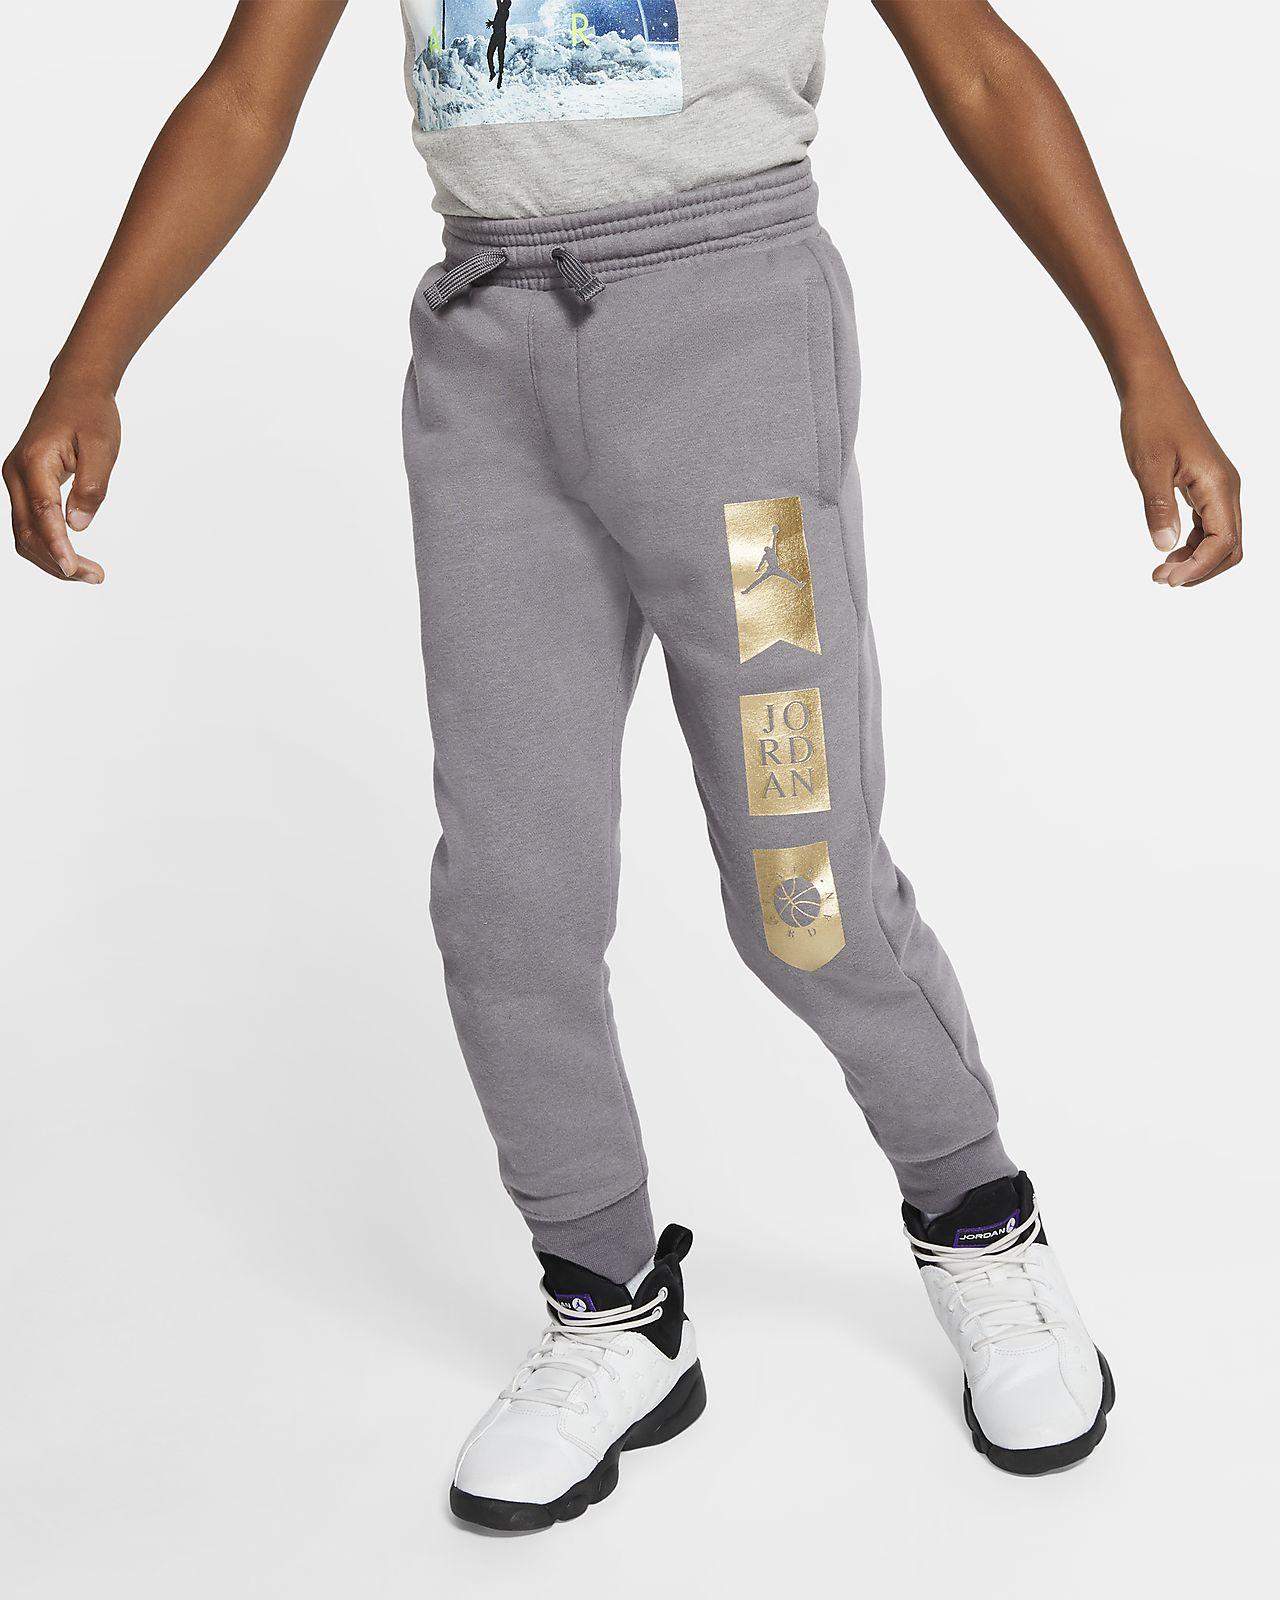 Pantalon de jogging en tissu Fleece Jordan pour Jeune enfant